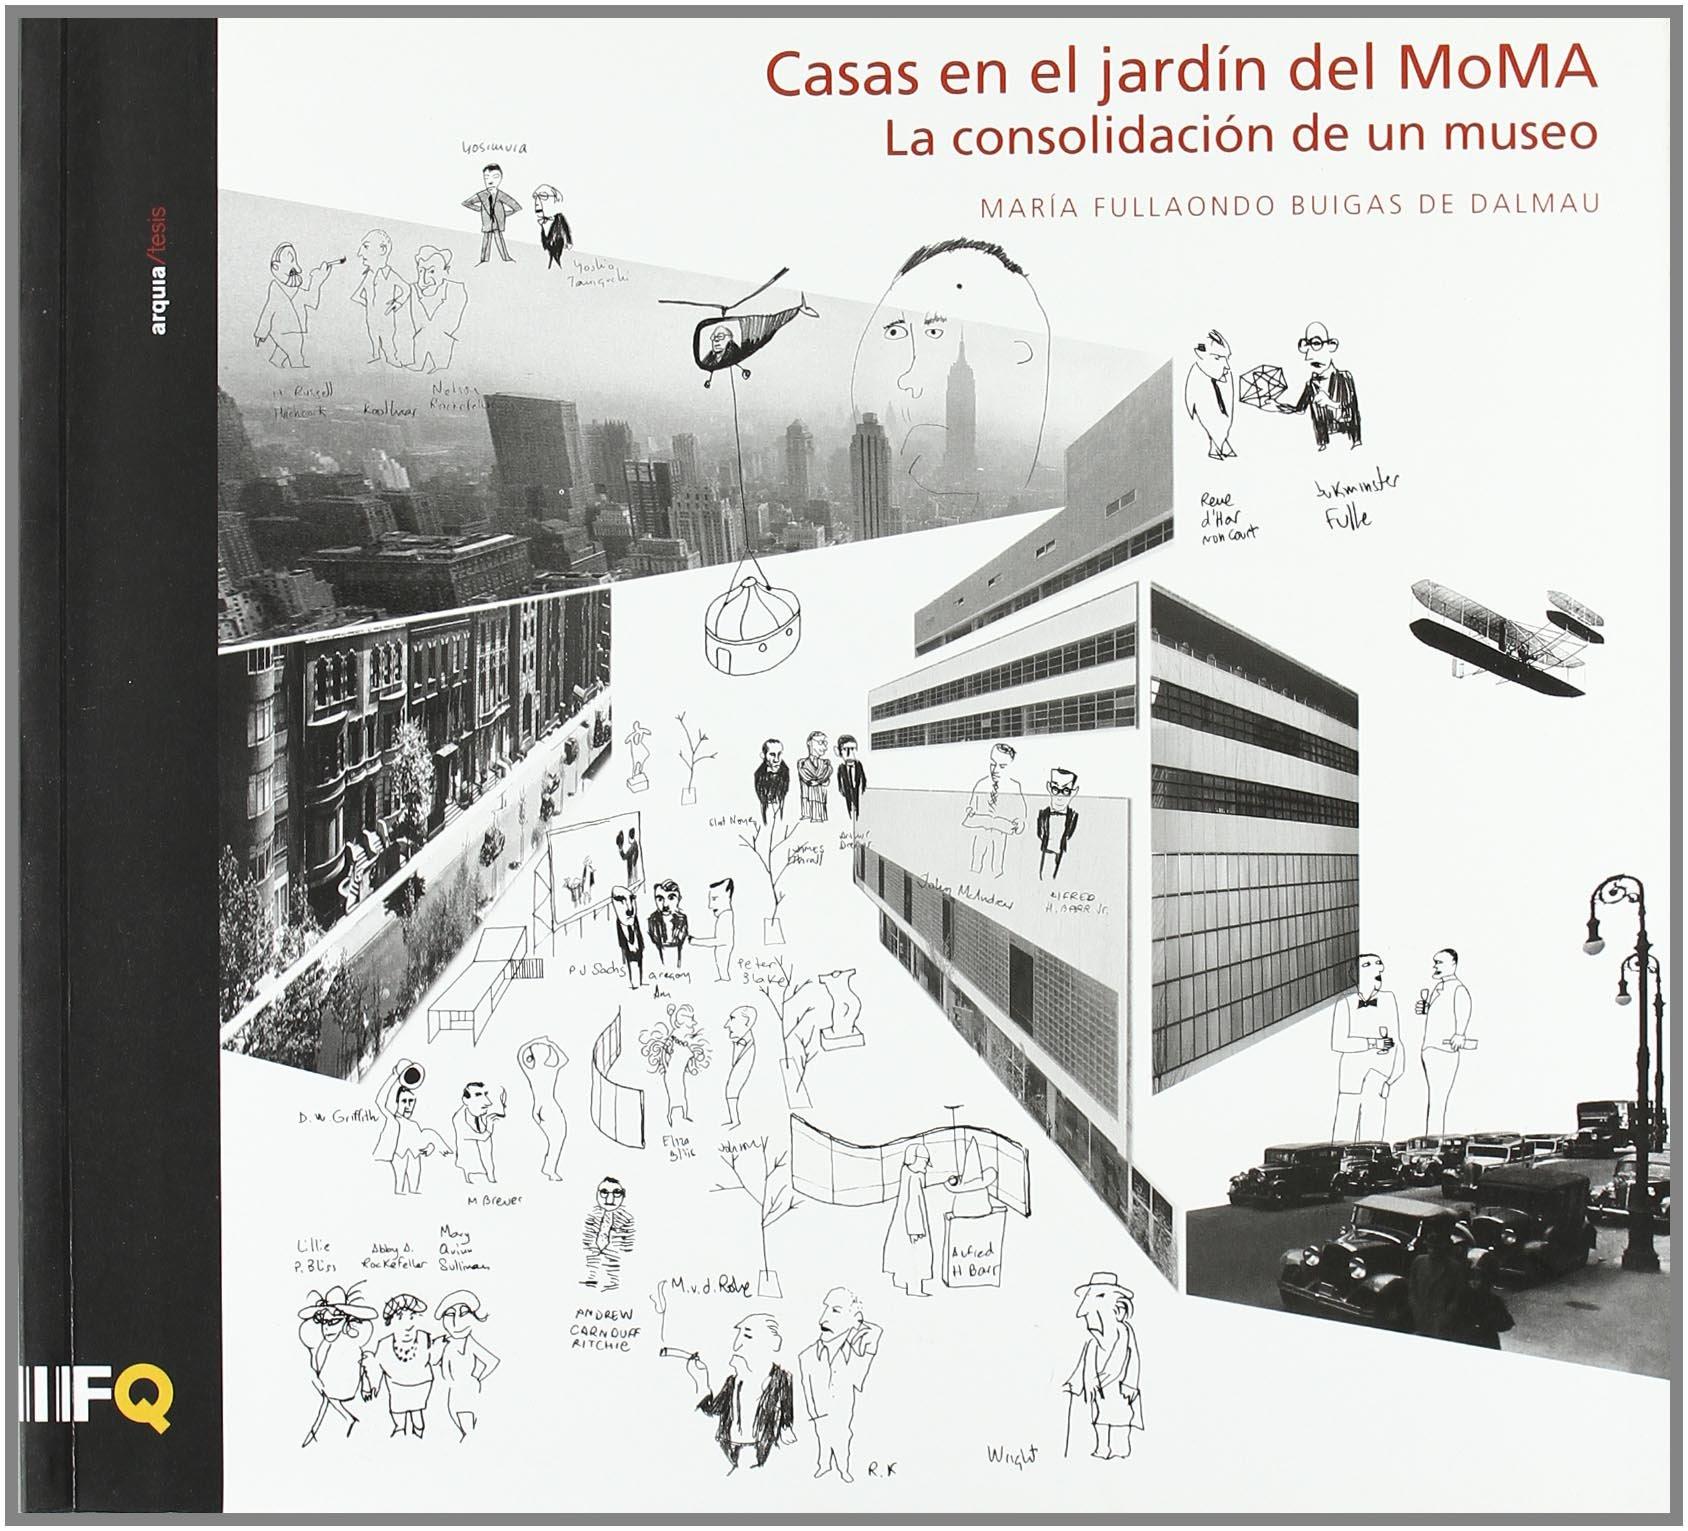 Download Casas en el jardin del MoMa ebook